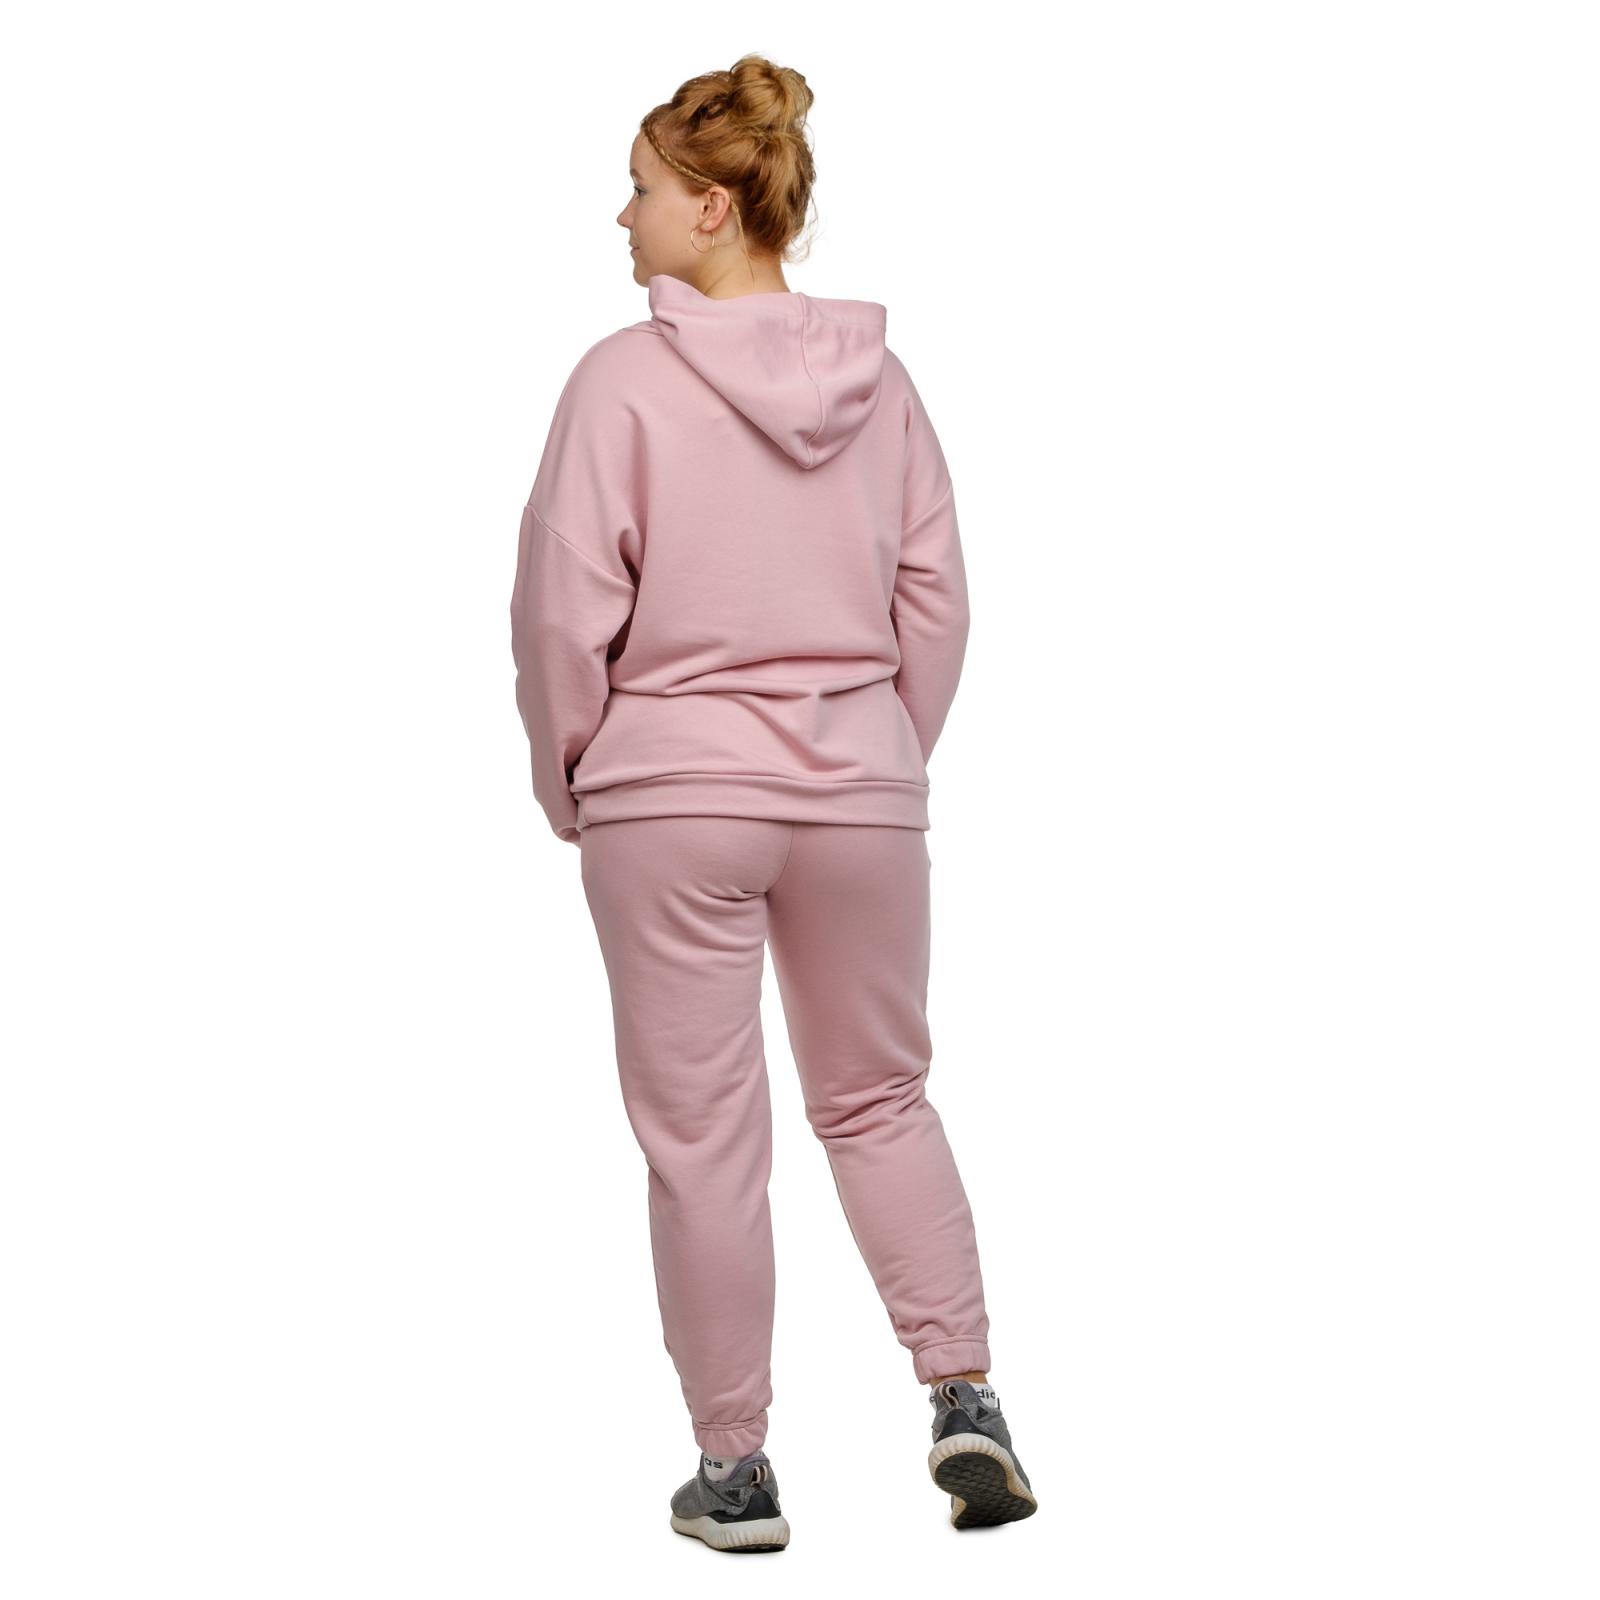 Худи оверсайз Розовая пудра (футер-петля) М-0144ПУД